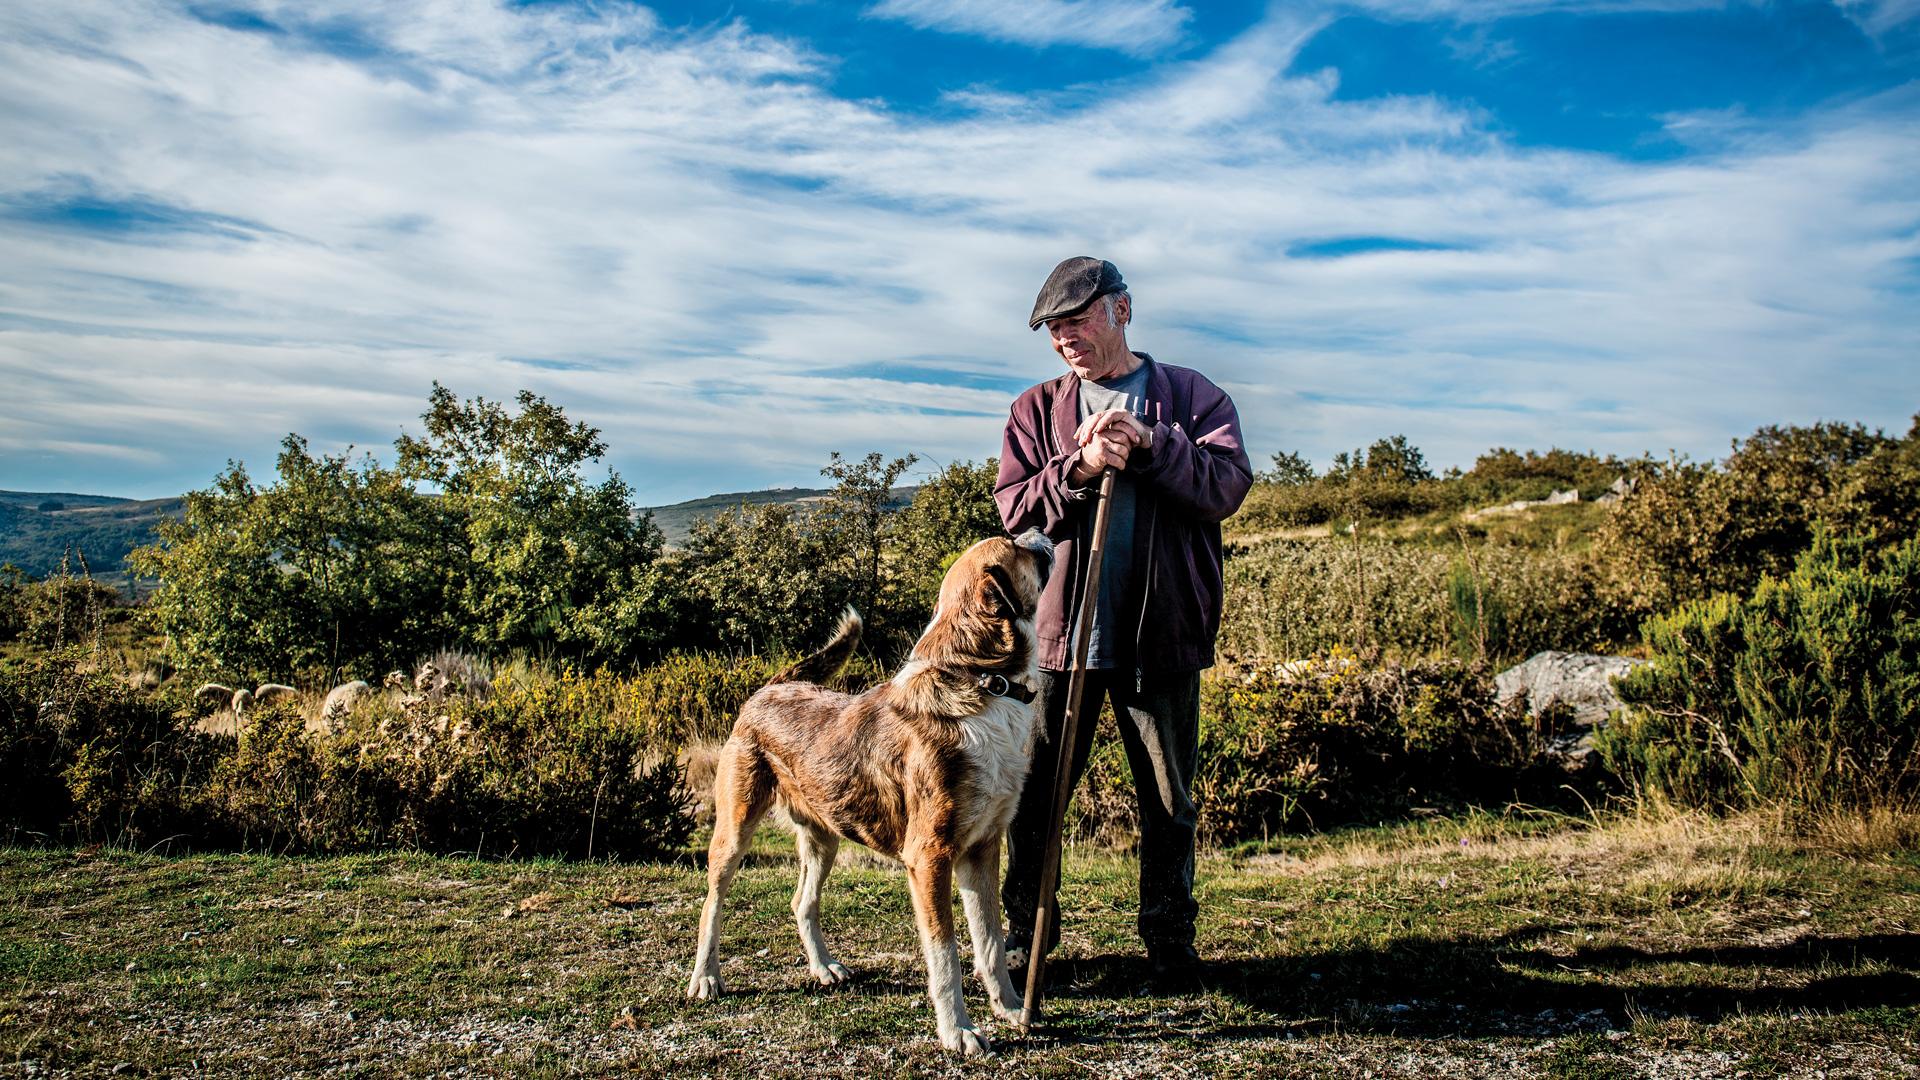 Paisagem de arbustos baixos, com céu azul e algumas nuvens, na Serra do Larouco. Ao centro está um pastor com o seu cão de grande porte. O cão e o pastor olham-se enternecidos.